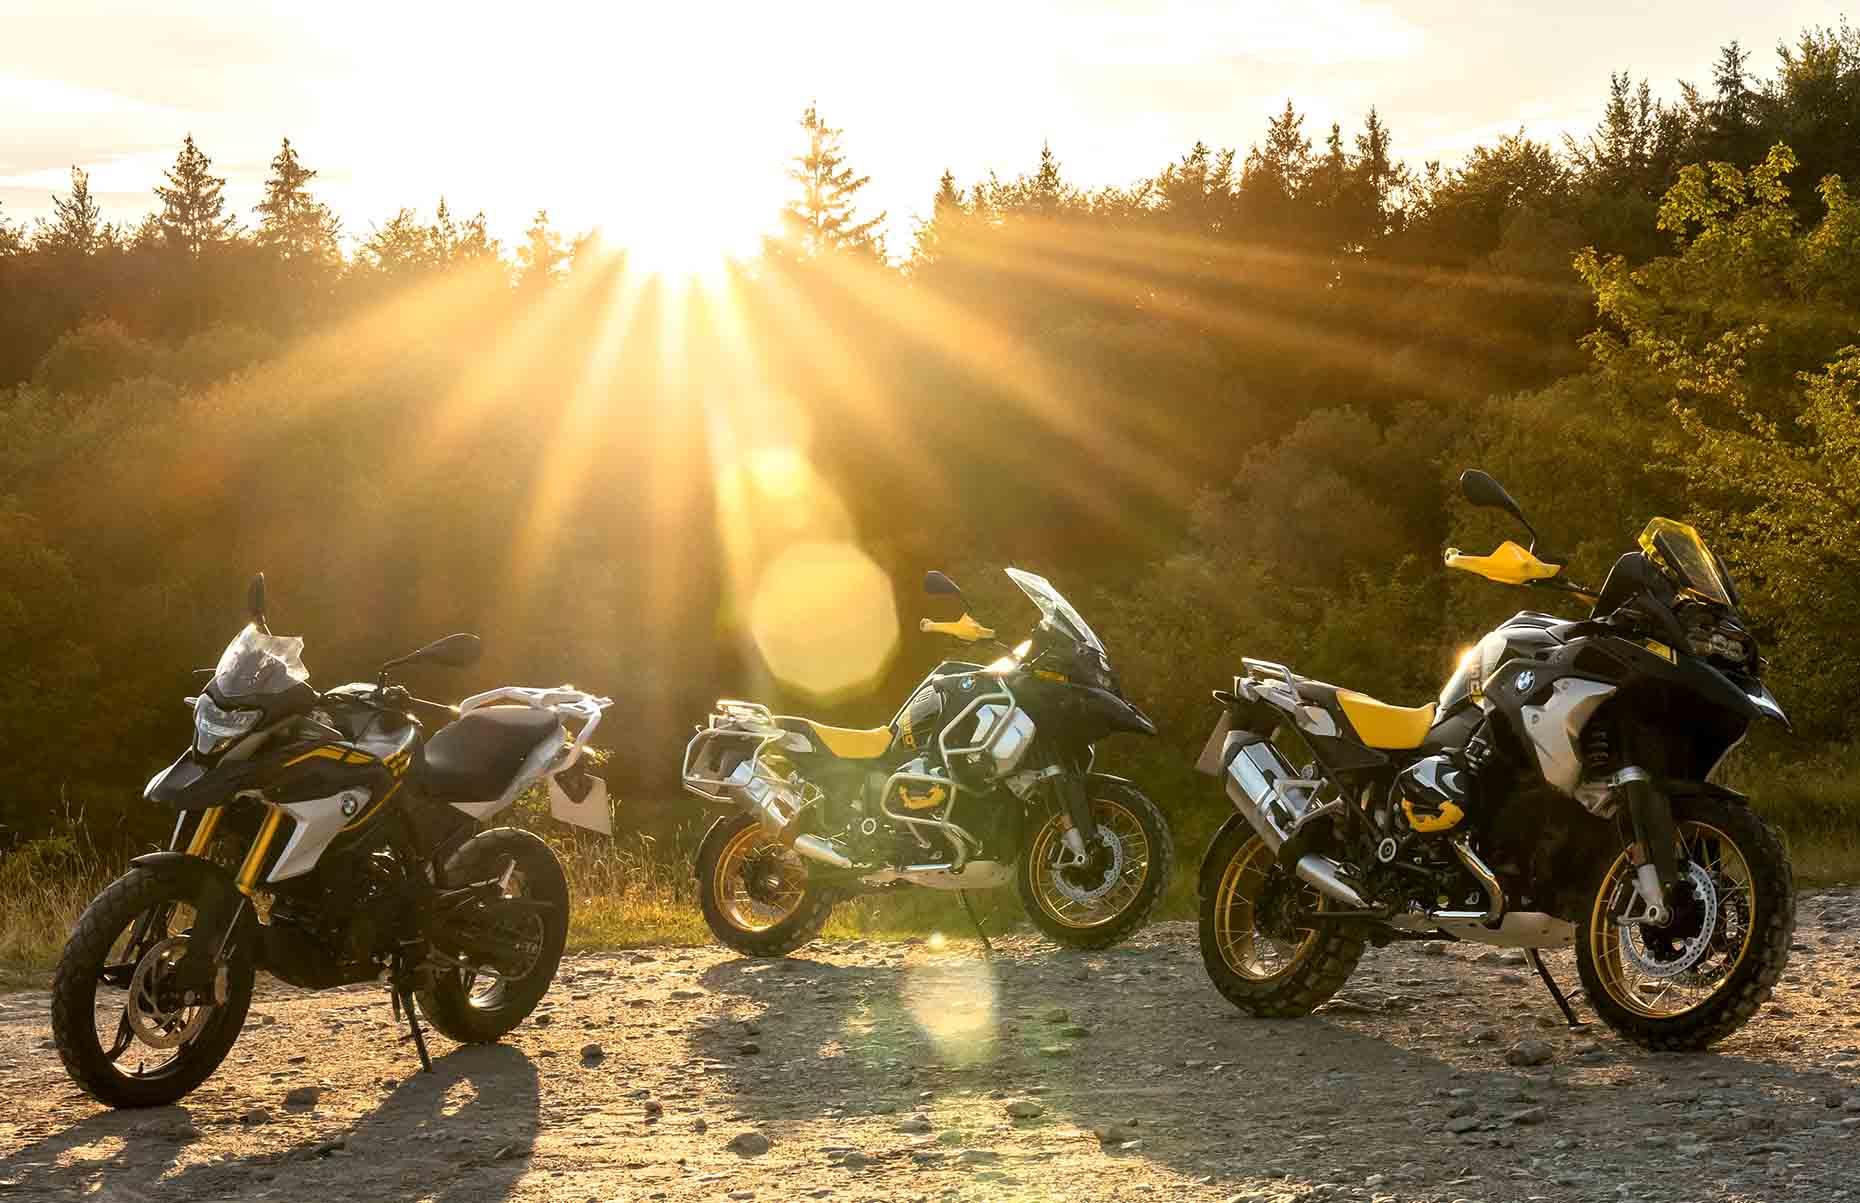 BMW Motorrad Luncurkan Edisi 40 Tahun BMW G 310 GS, R 1250 GS, dan R 1250 GS Adventure